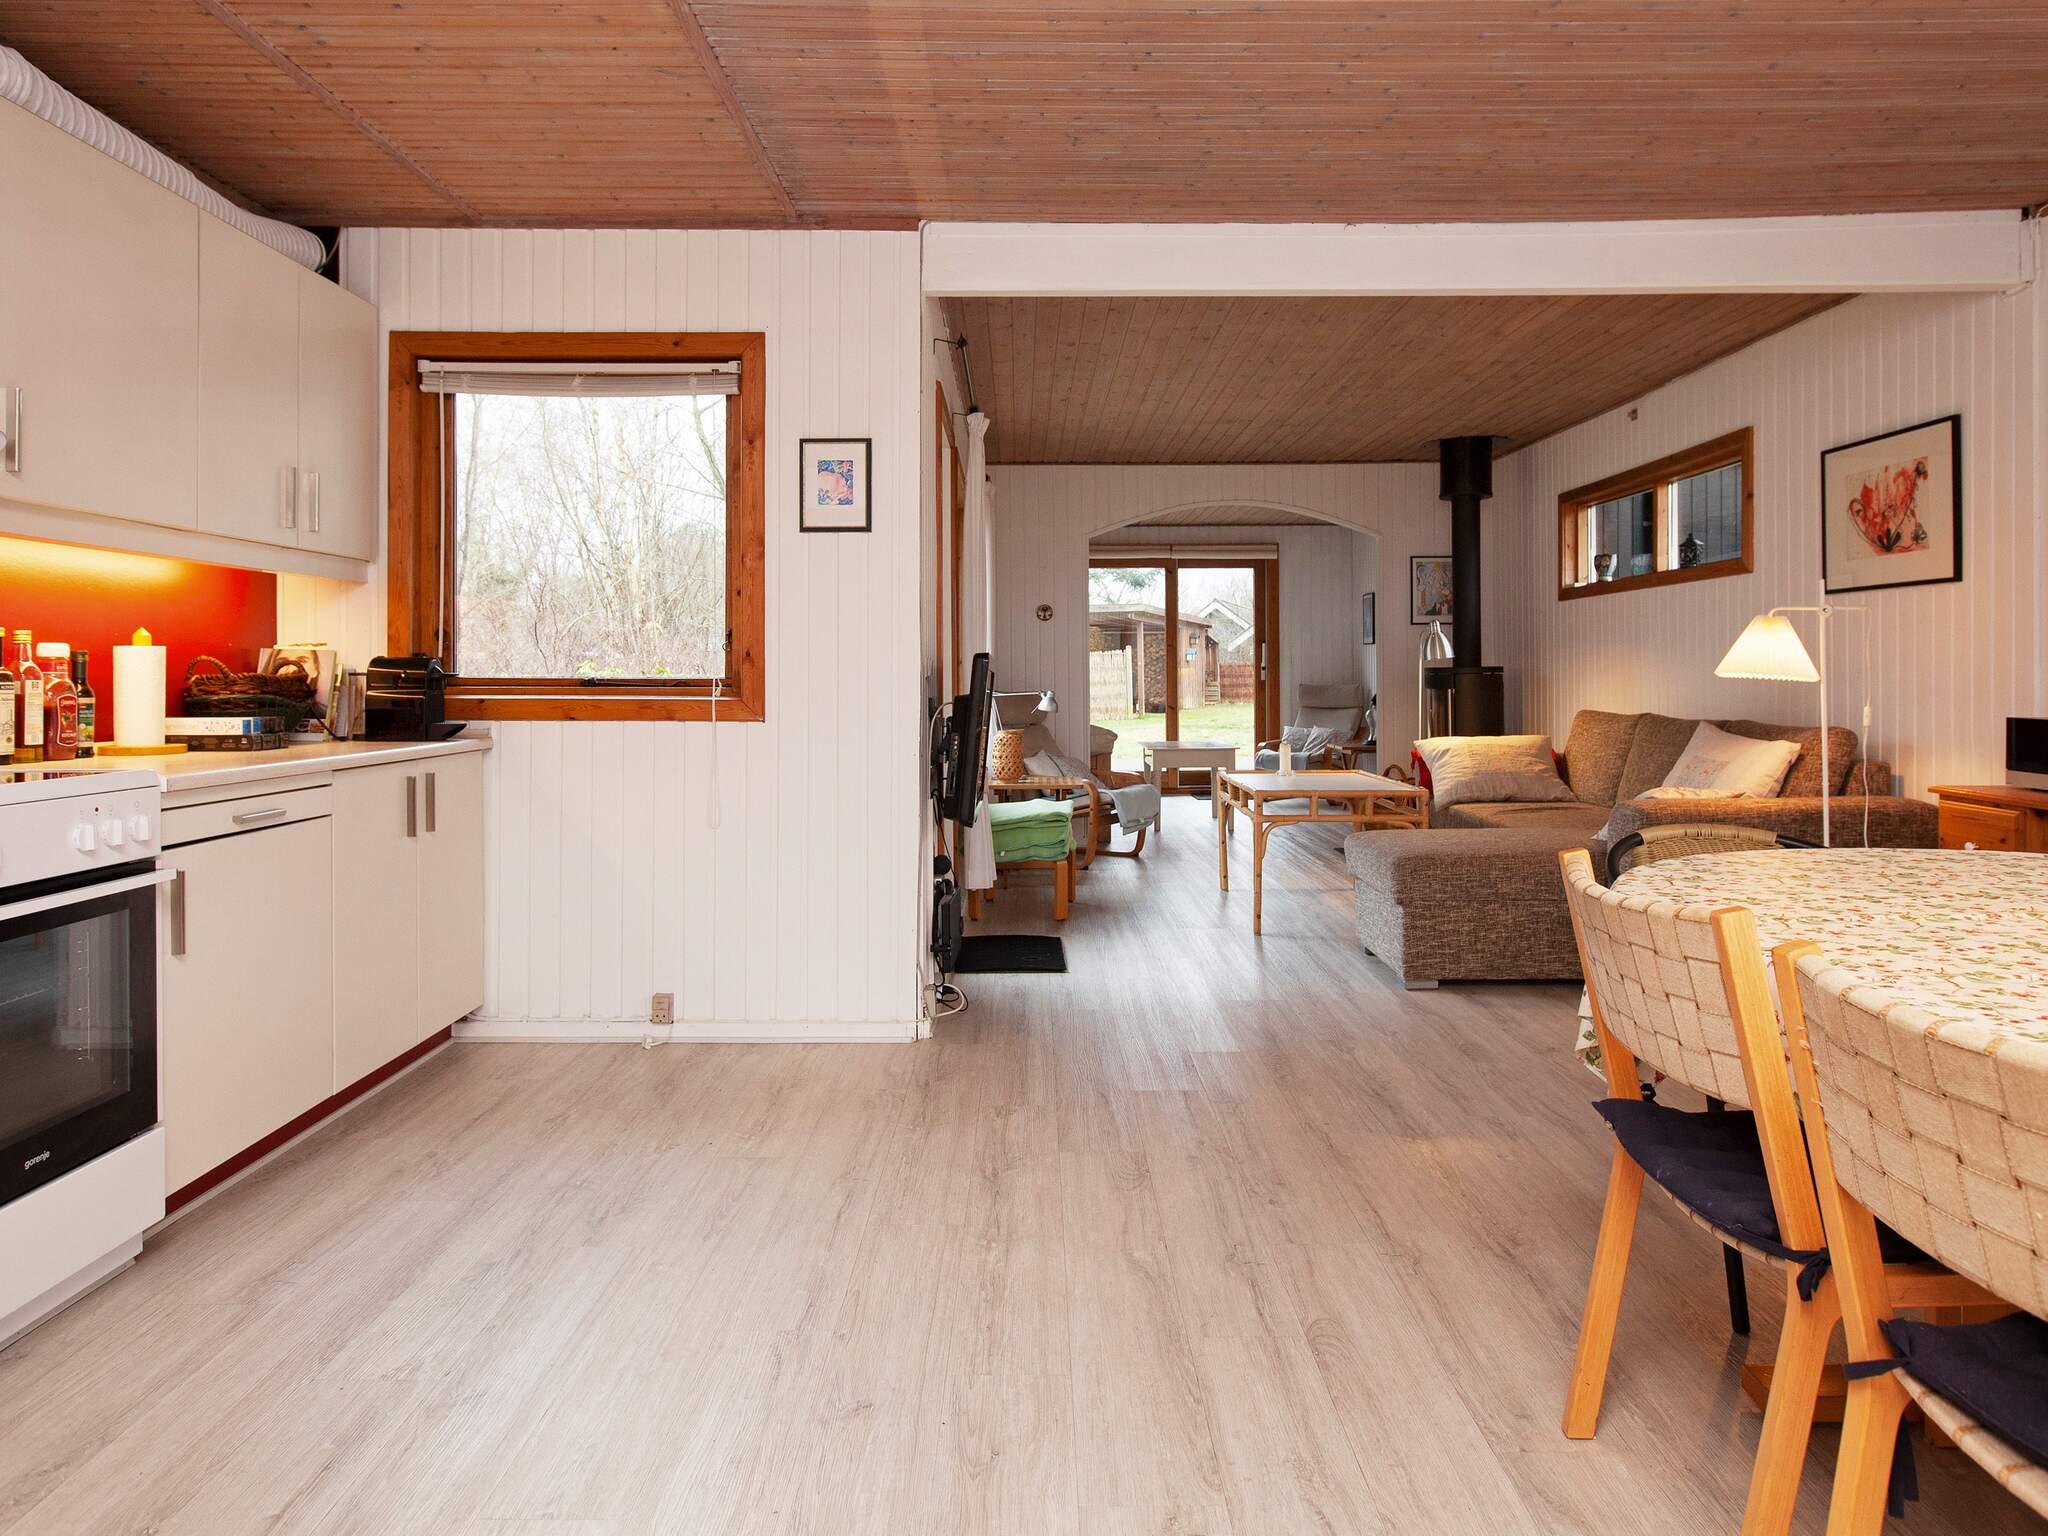 Ferienhaus Kulhuse (2557364), Kulhuse, , Nordseeland, Dänemark, Bild 7